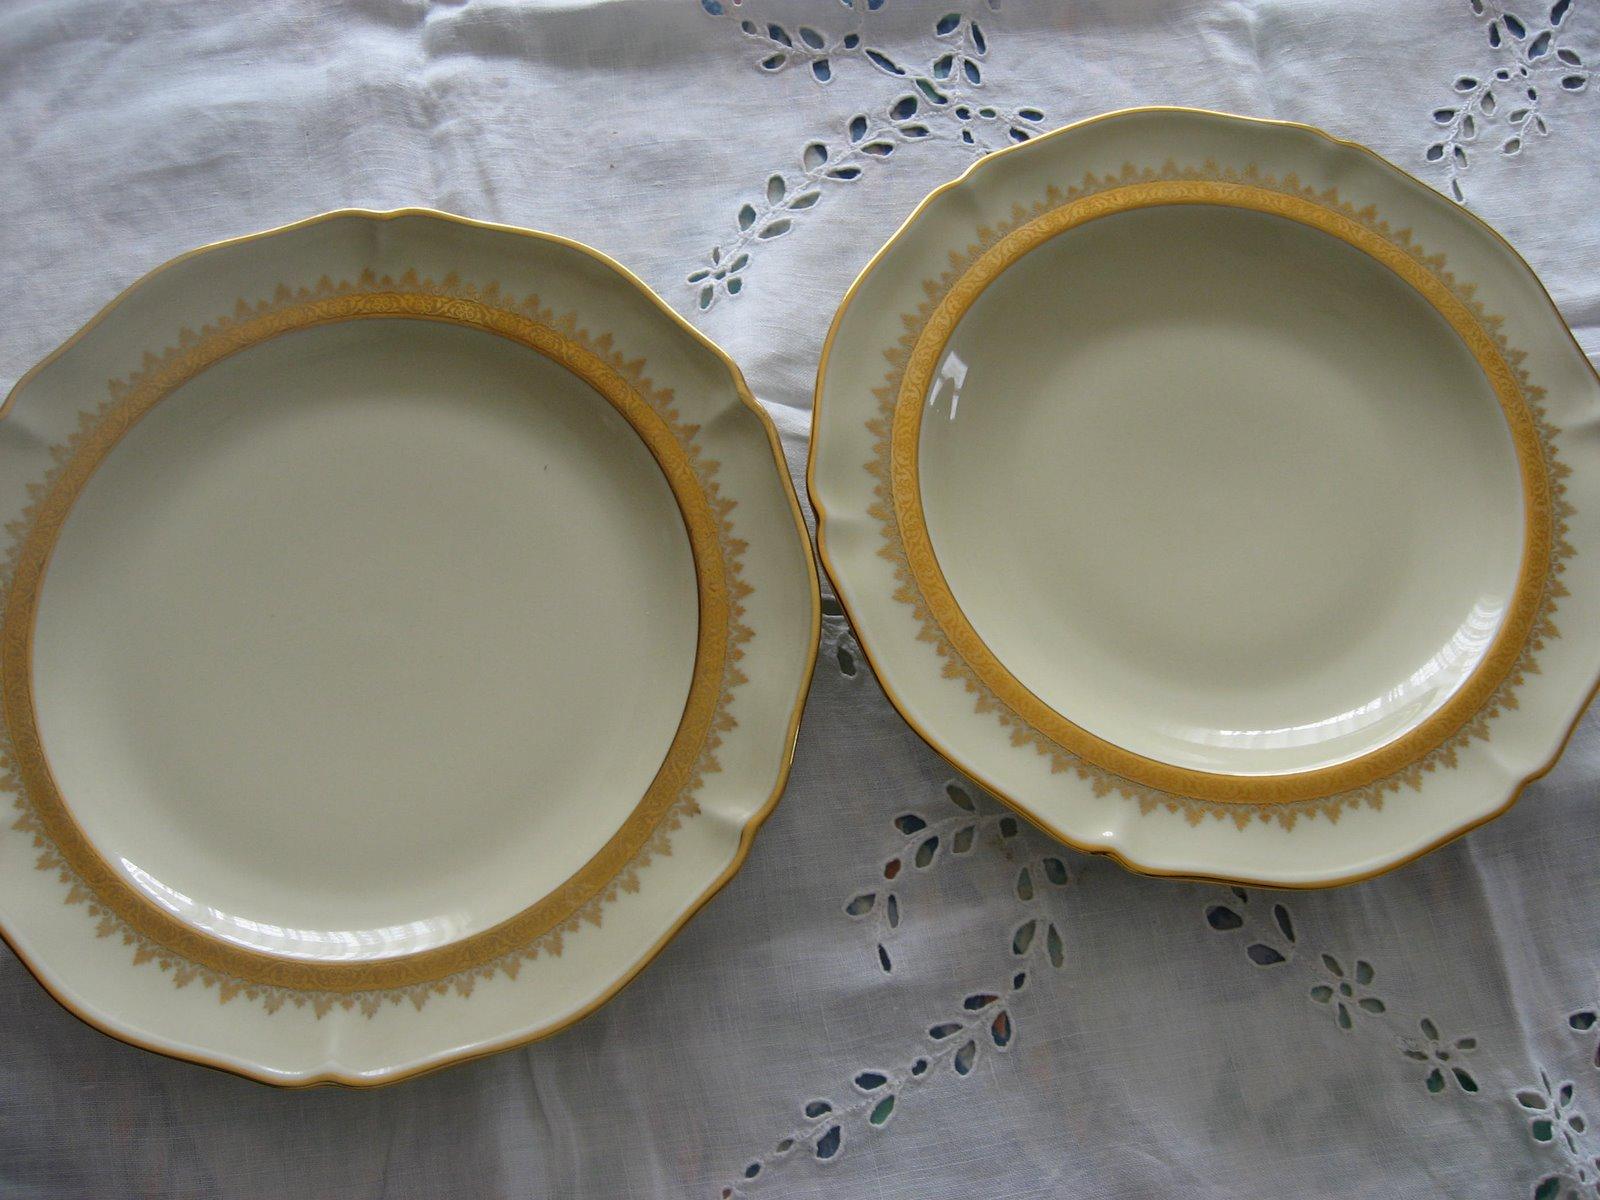 limoges r leclair vintage french porcelain ewer limoges nov 07 2015